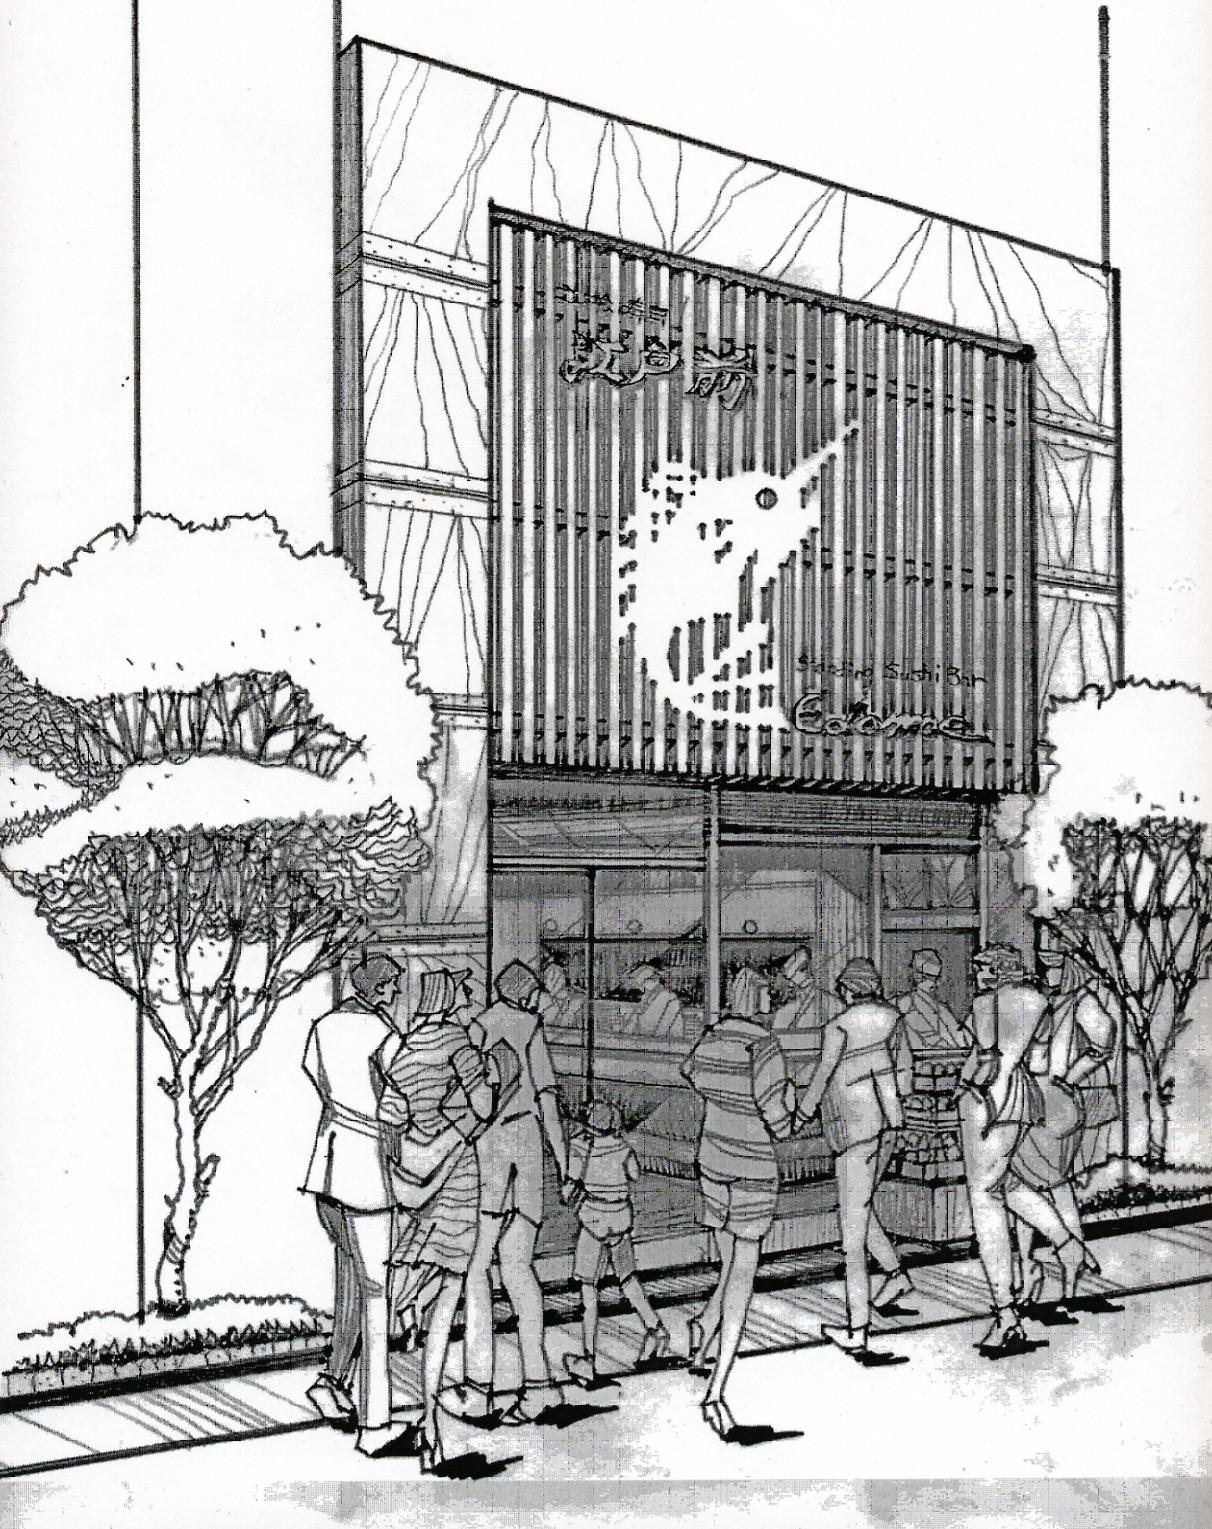 江戸前寿司計画 一穂・環境デザインオフィス